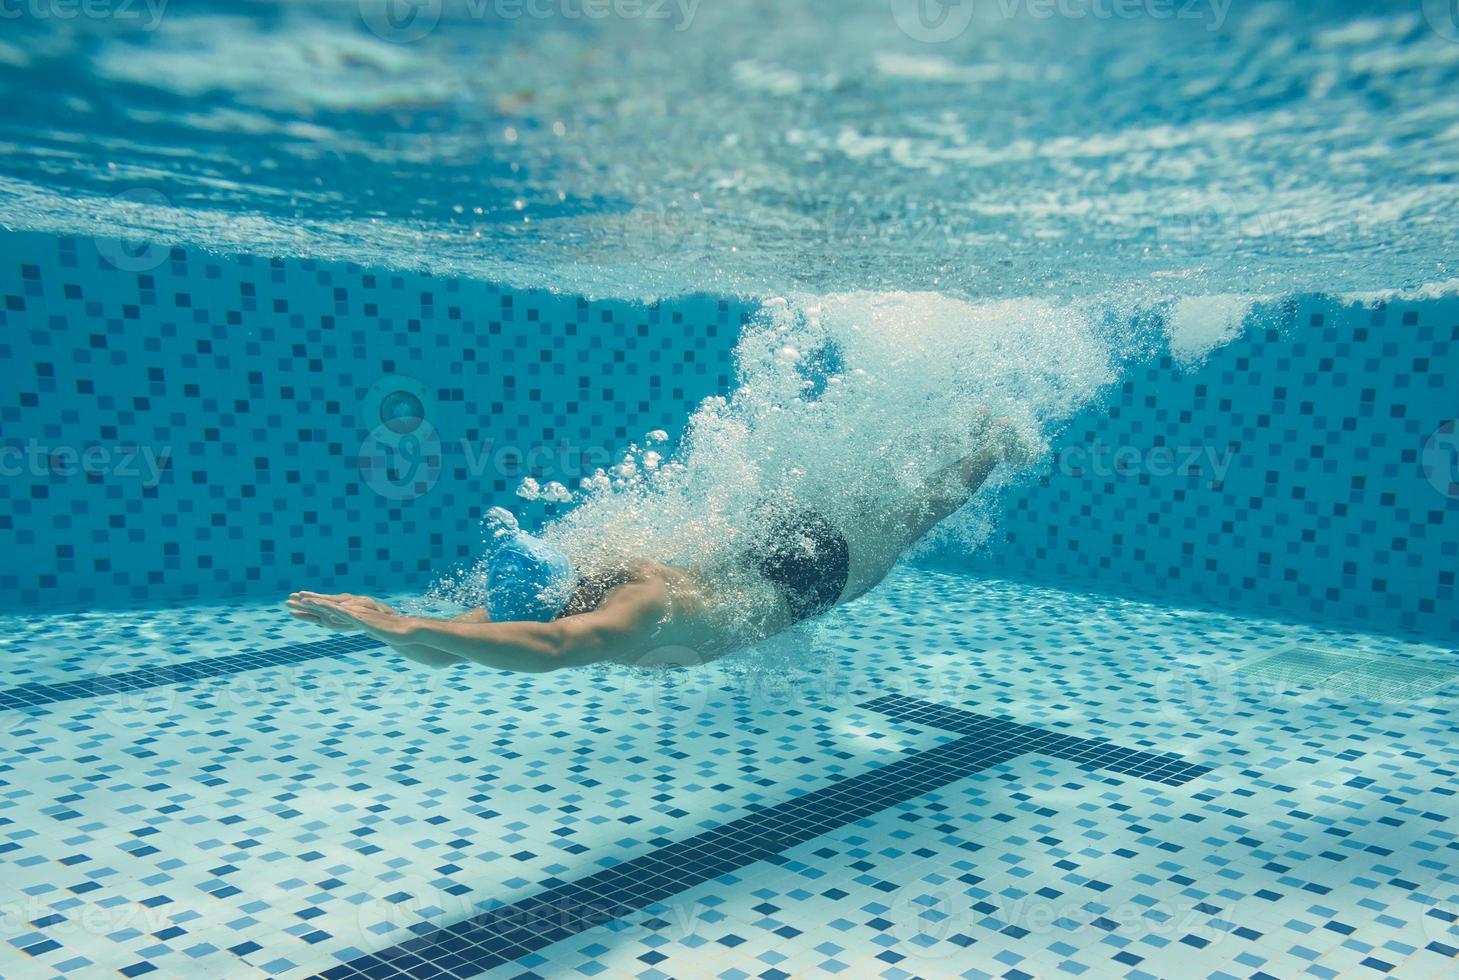 mergulho na piscina foto